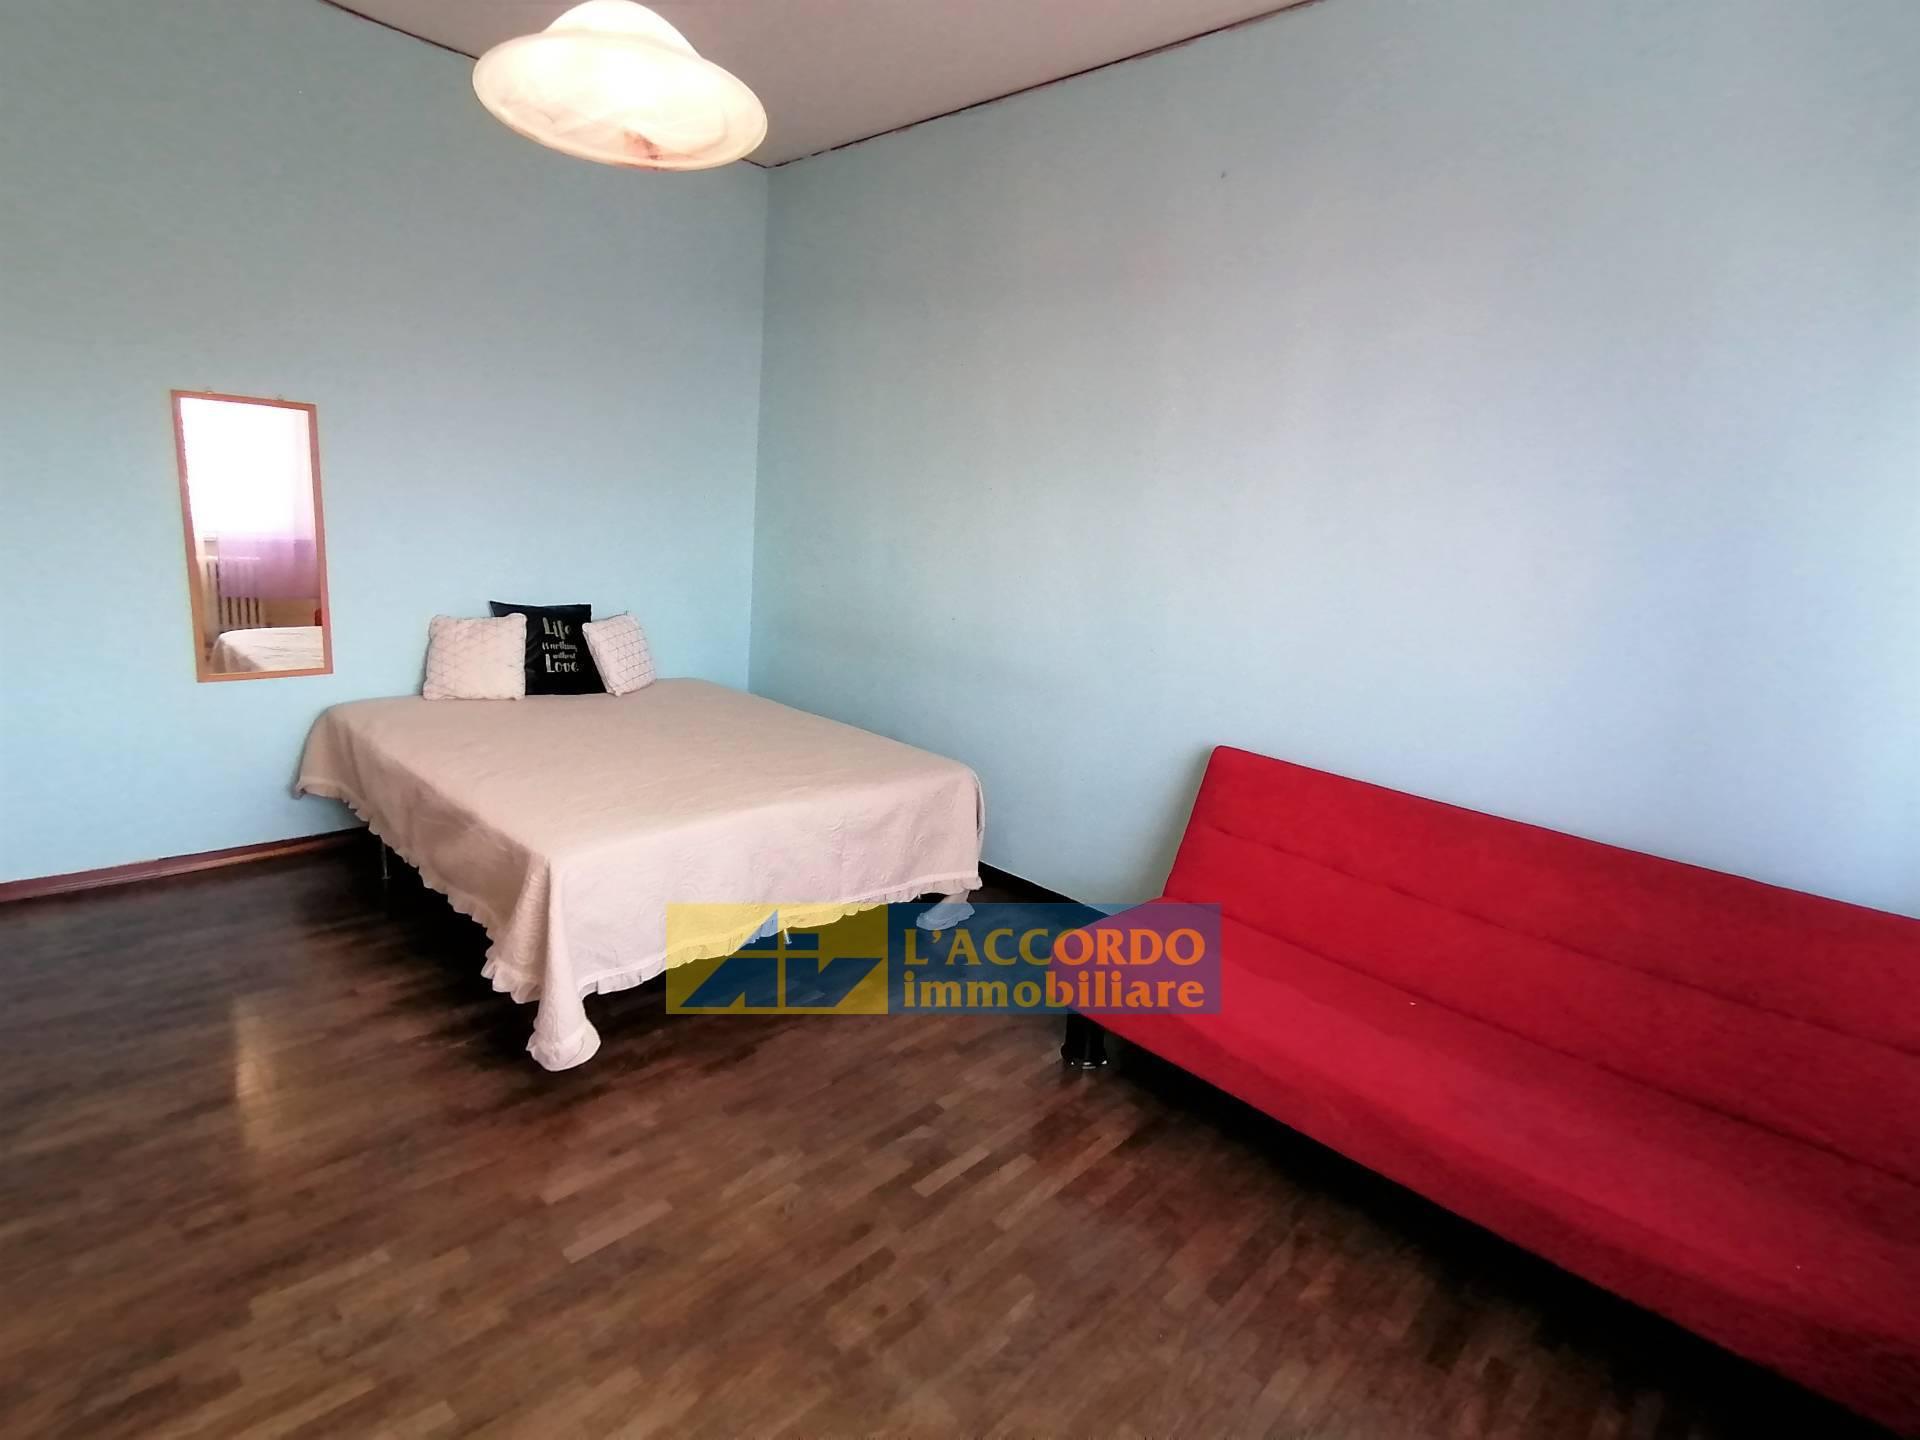 Appartamento in affitto a Chieti, 5 locali, zona Zona: Stadio , prezzo € 180   CambioCasa.it